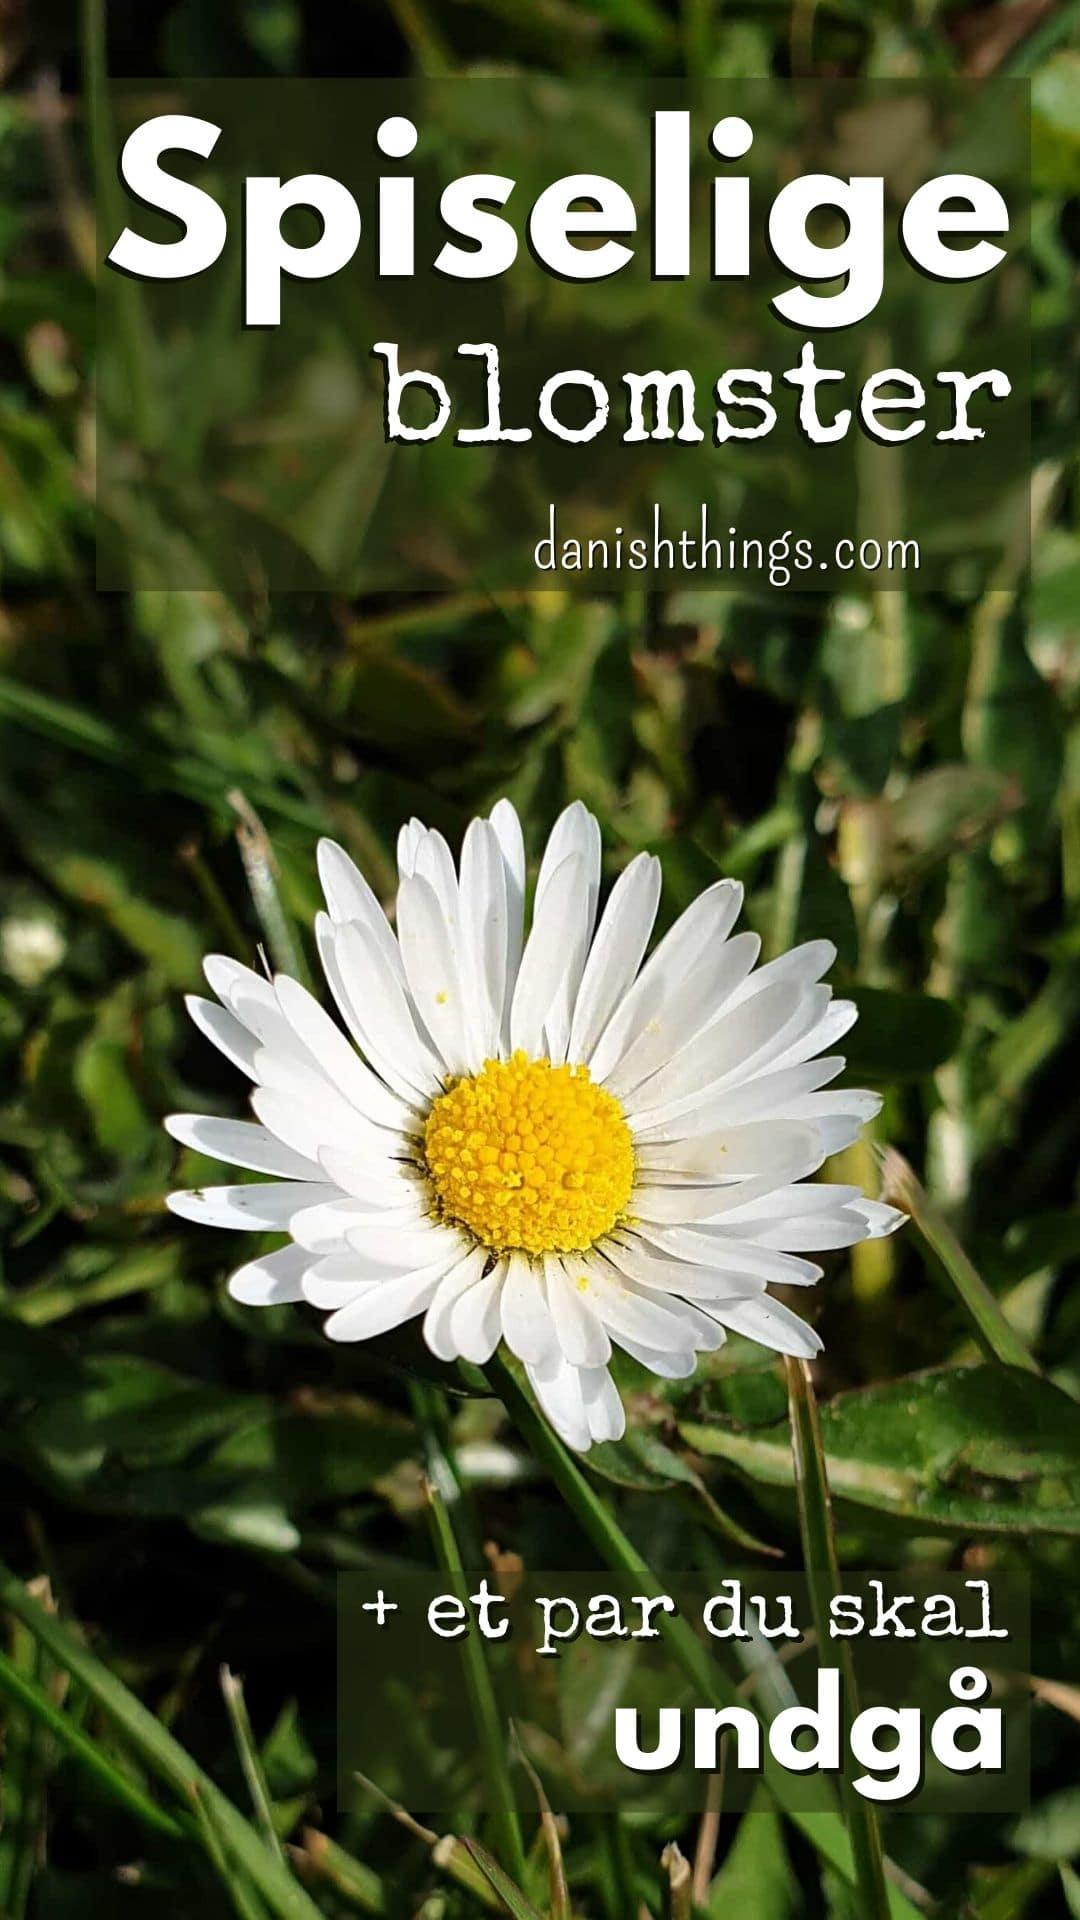 Spiselige blomster, stauder og urter – find de mange spiselige favoritter, 3 du skal spise med måde og et par giftige, som måske overrasker. Få inspiration til brug, tips, opskrifter med de forskellige blomster og find inspiration til årets gang på danishthings.com. #danishthings #blomster #spiselige #giftige #spis-med-måde #undgå #dekoration #spiselige-blomster #spiselige-stauder #det-salte-køkken #det-søde-køkken